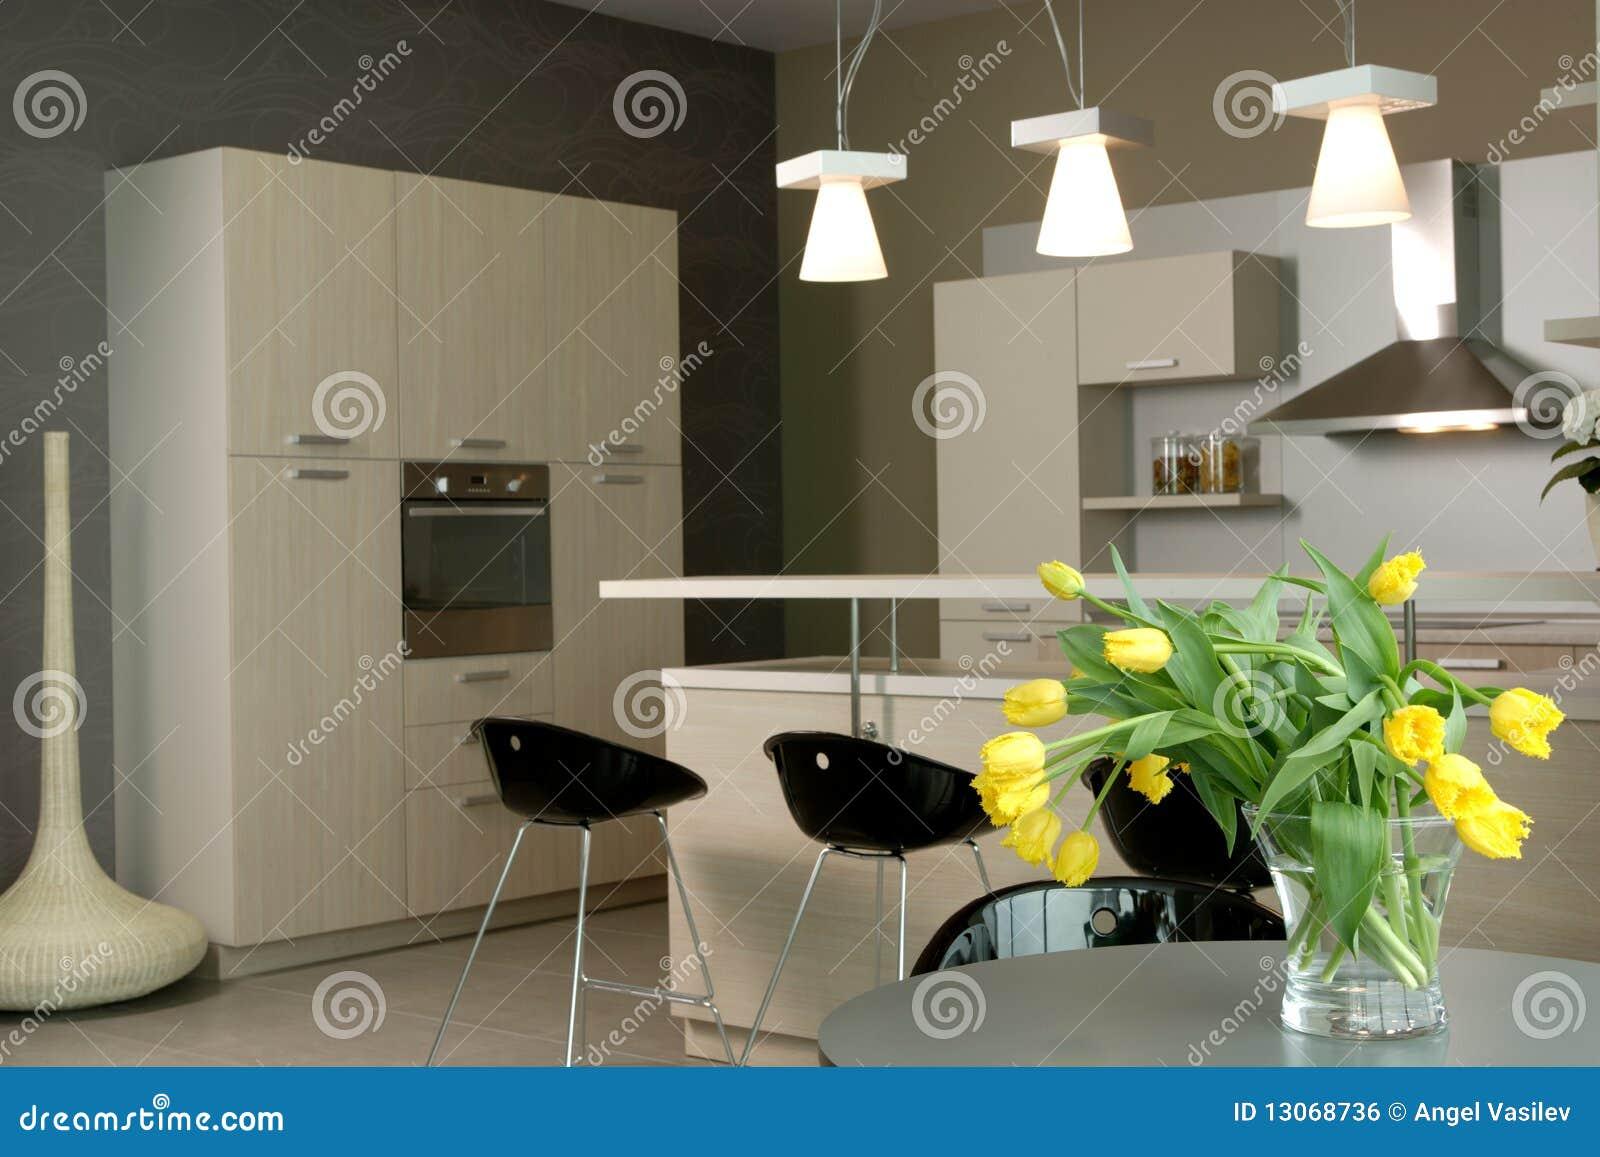 Disegno interno della bella e cucina moderna immagine for Disegno cucina